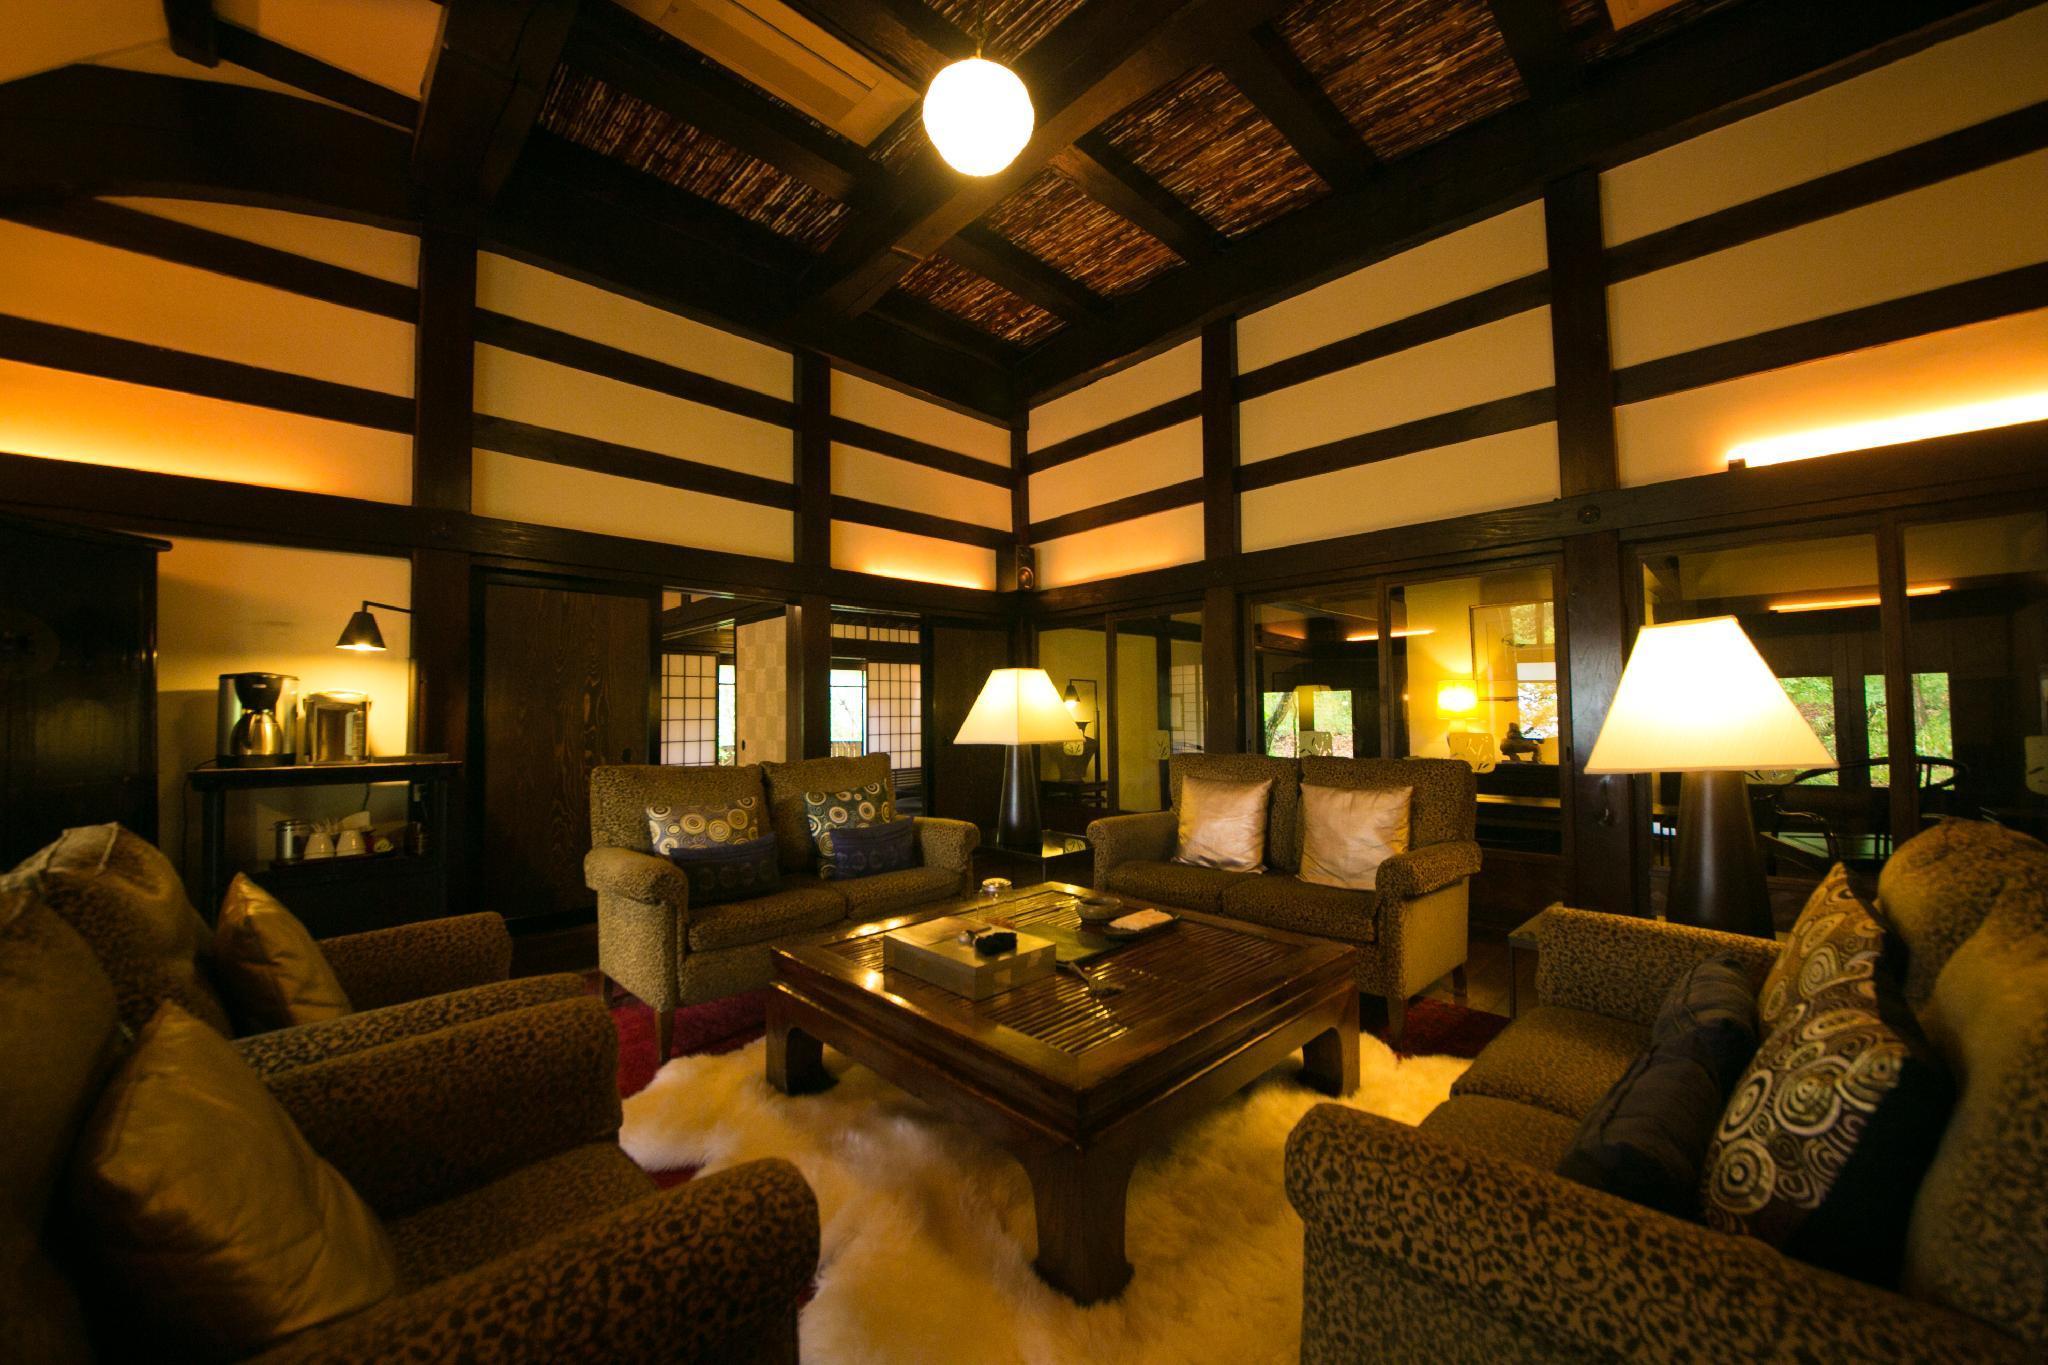 由布御宿二本之葦束 (Oyado Nihon No Ashitaba Resort)線上訂房|Agoda.com